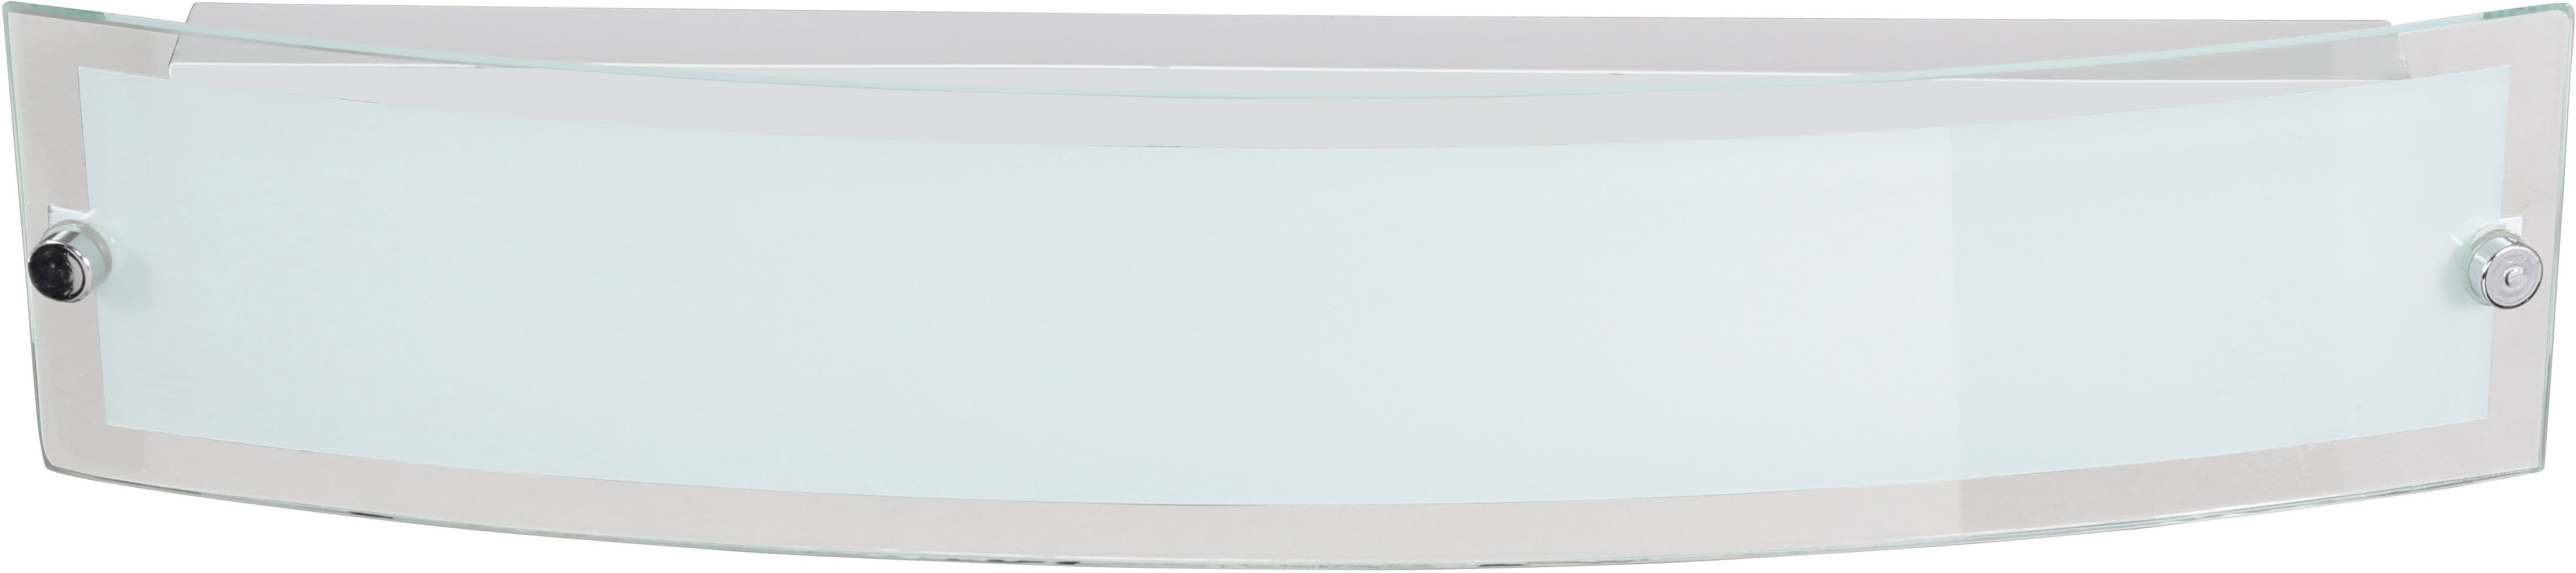 WOFI LED Deckenleuchte LORENZ, LED-Board, Warmweiß, LED Deckenlampe